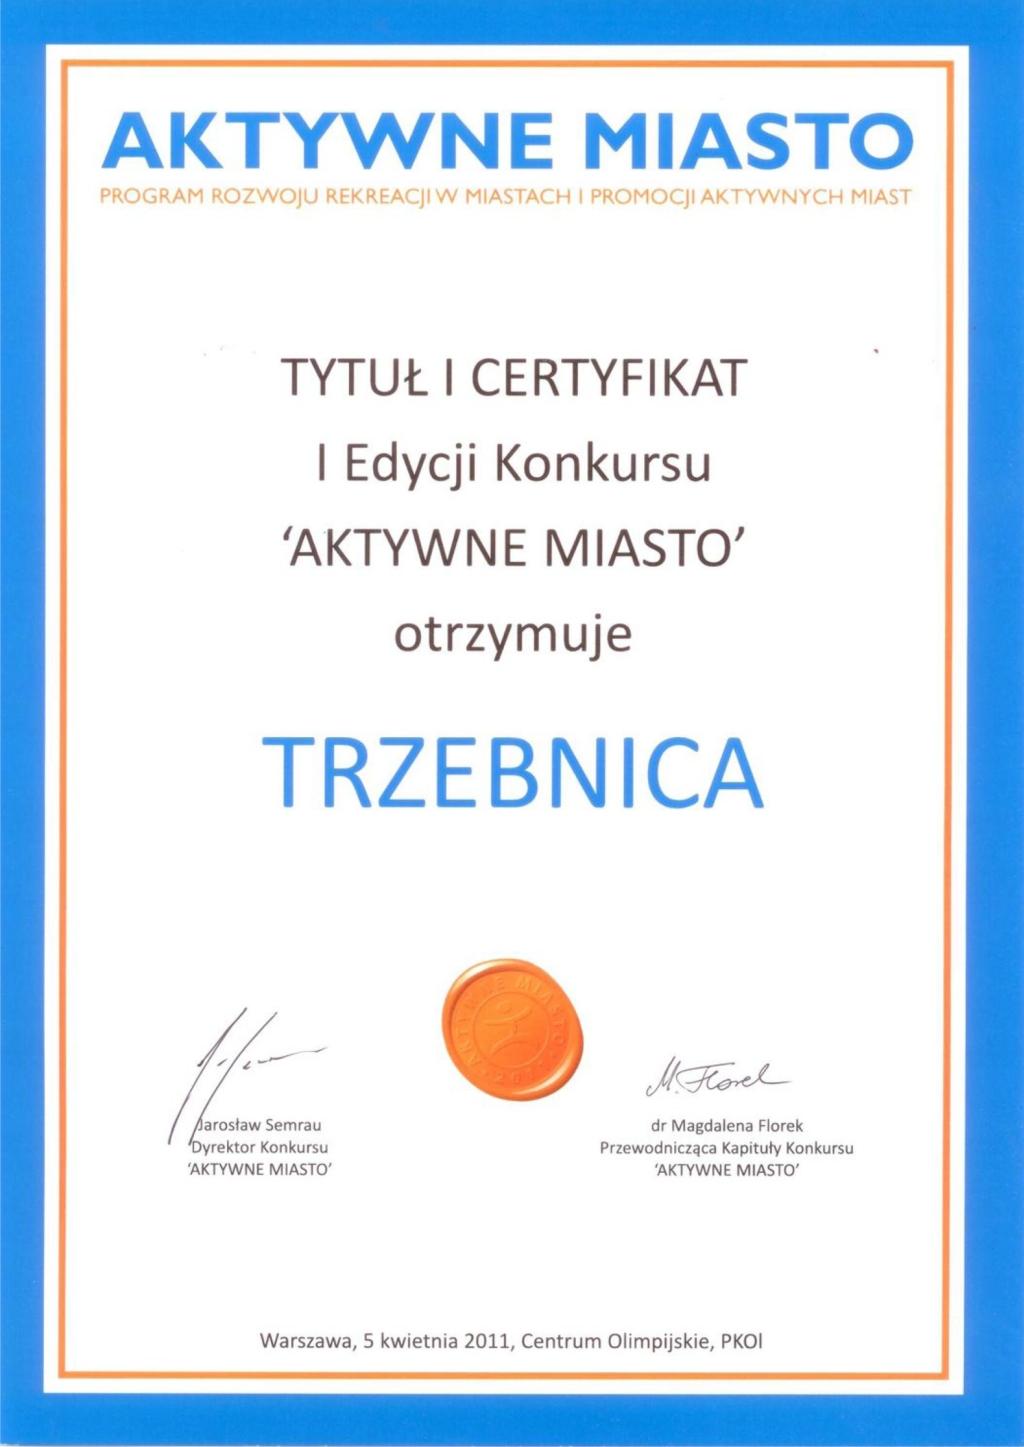 aktywne miasto - certyfikat.jpeg